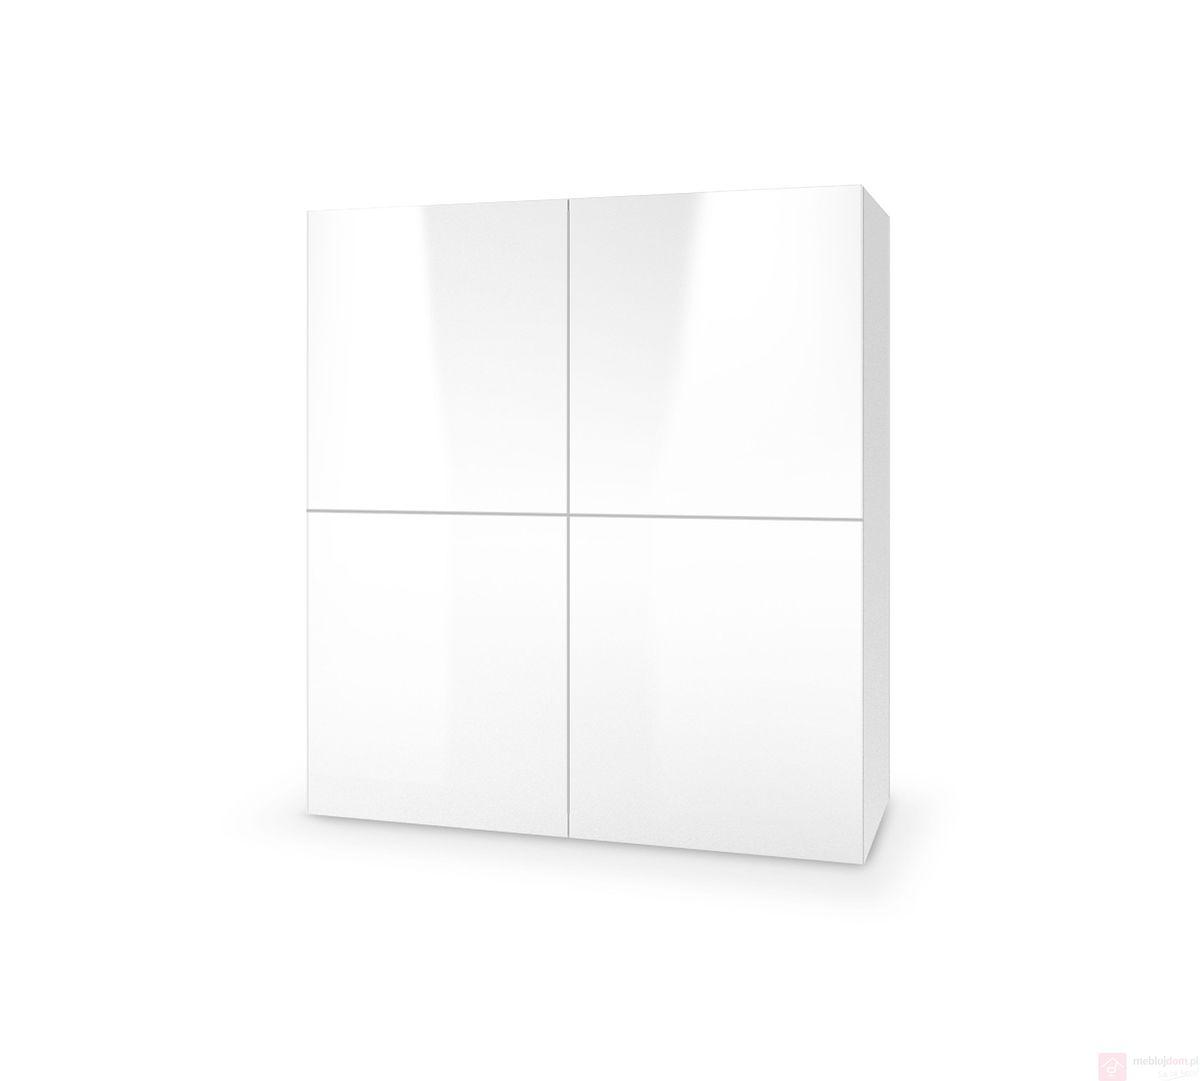 Komoda LIVO KM-100 Halmar biały połysk + biały mat